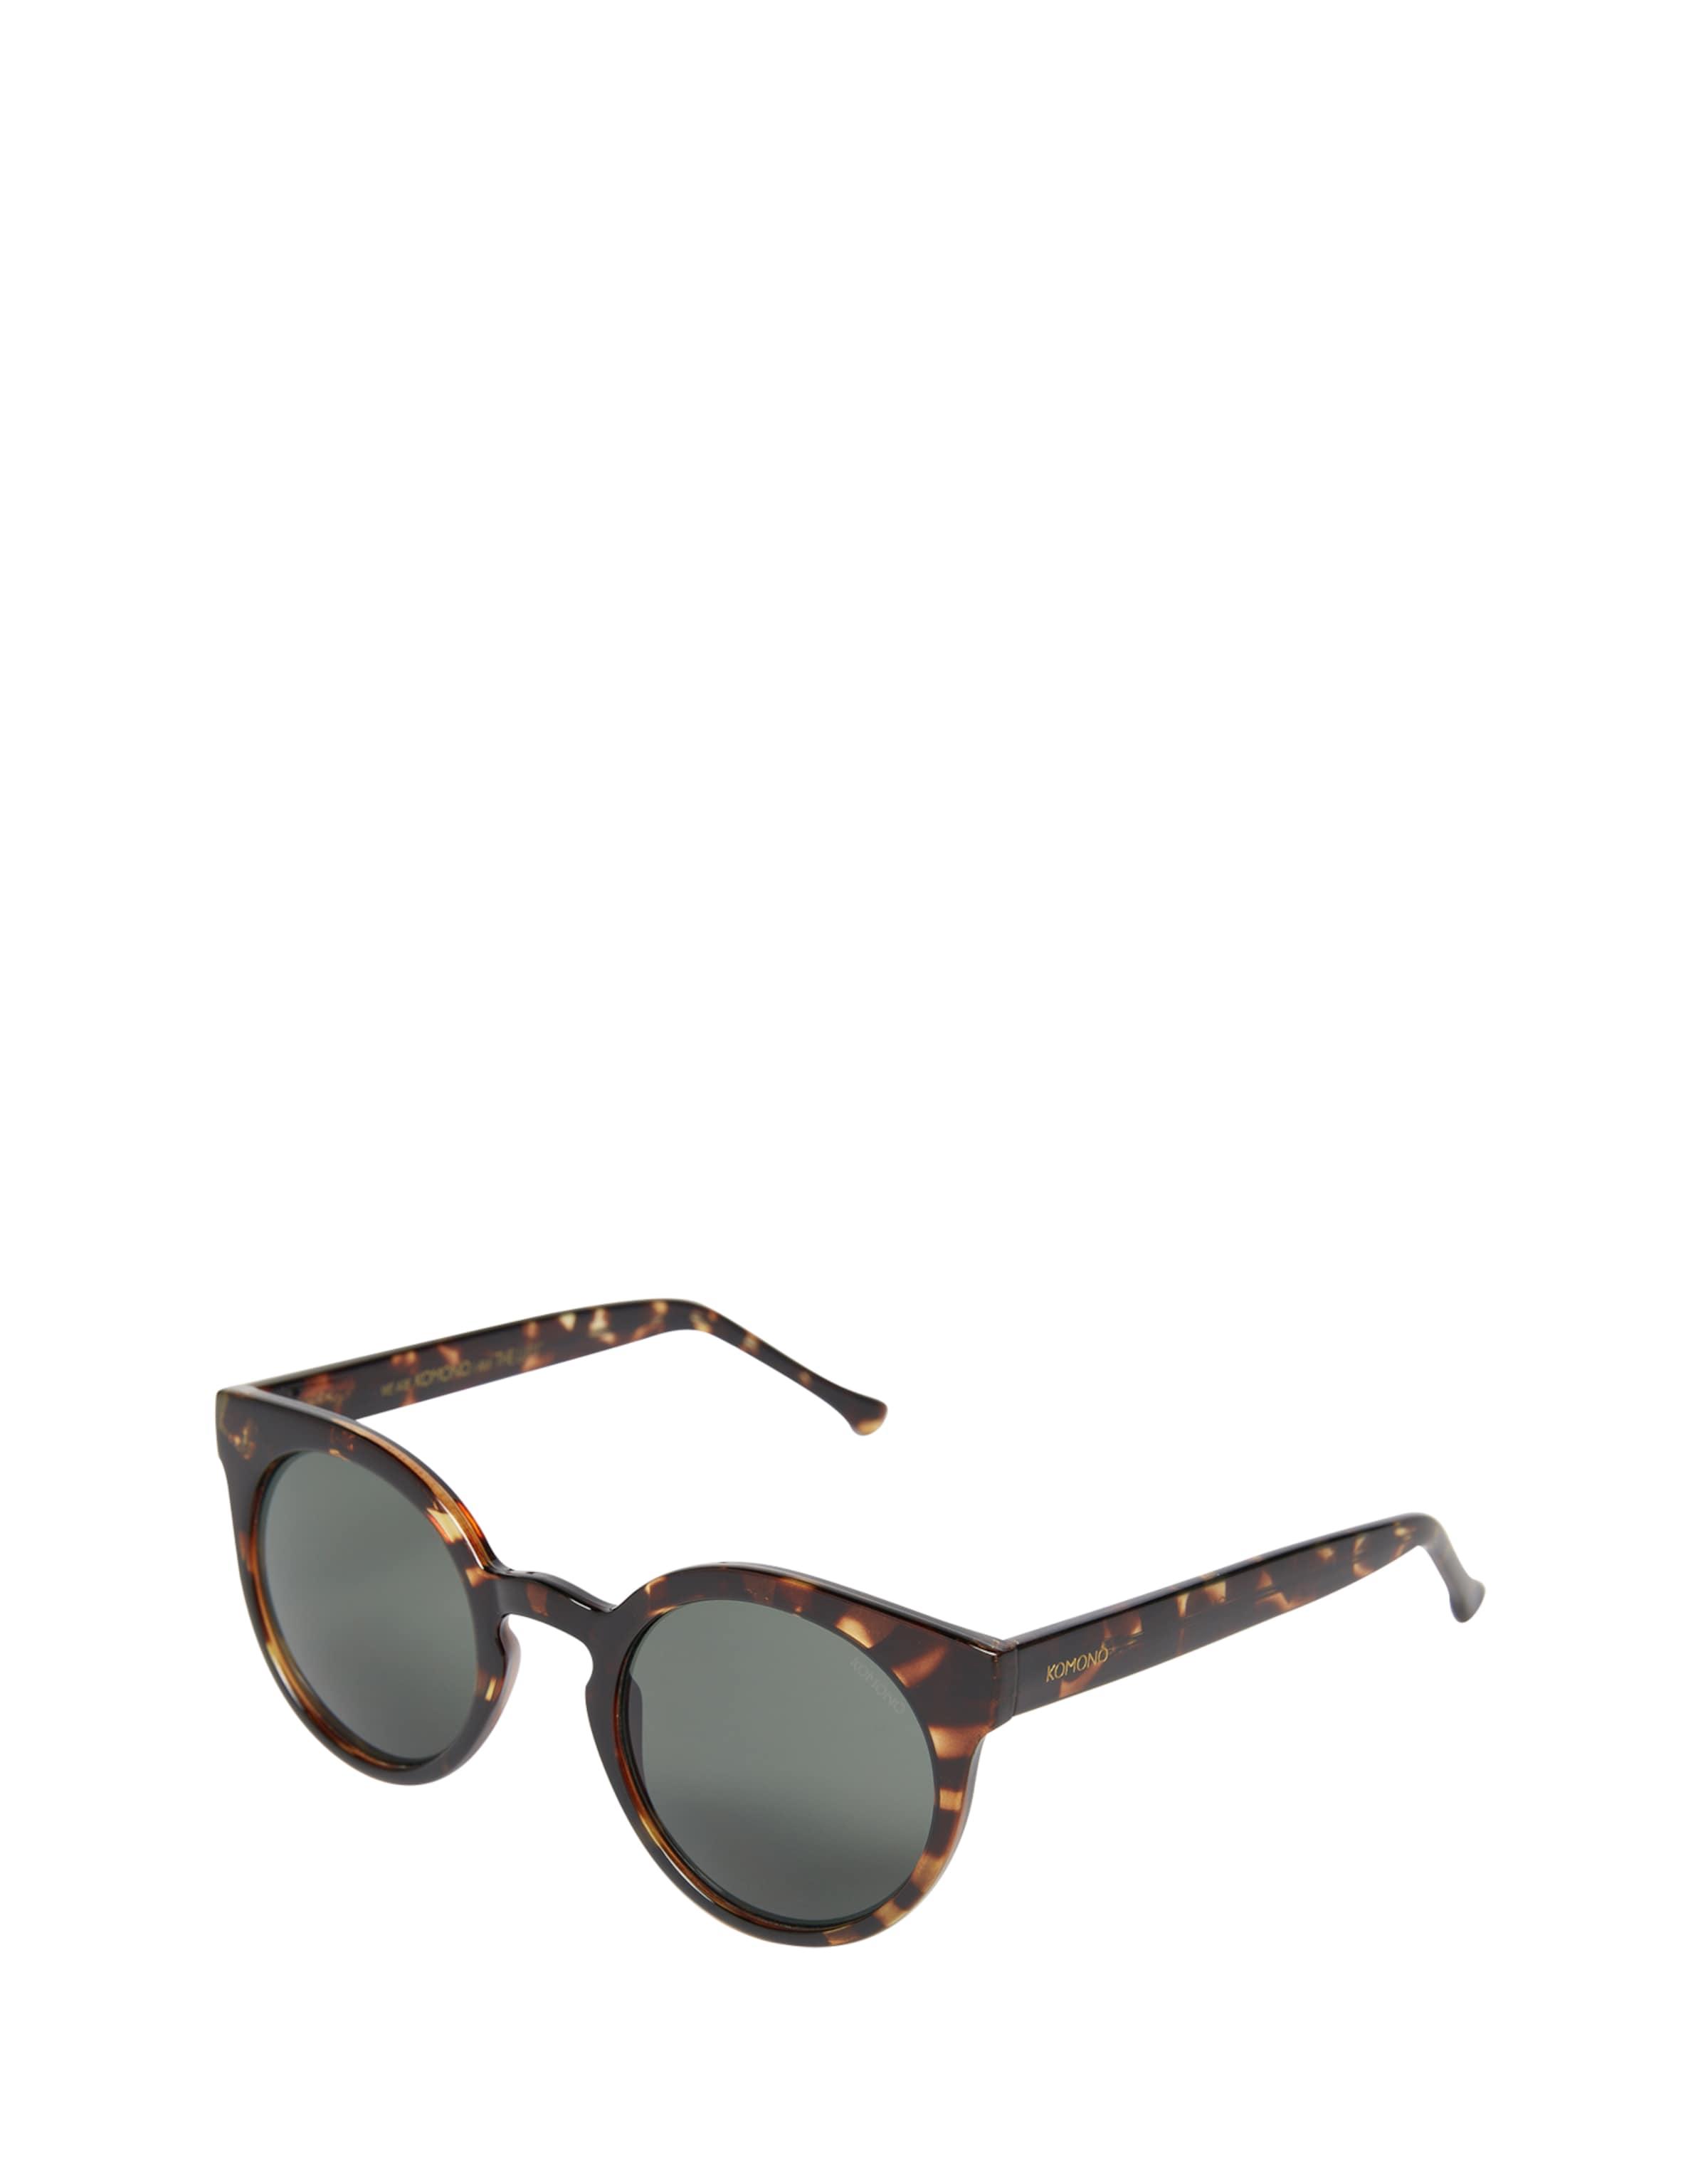 Komono Sonnenbrille 'Lulu' Rabatt 100% Original Erscheinungsdaten Kaufen Online-Verkauf Billig Verkauf Kauf Wirklich Zum Verkauf 6l48ie